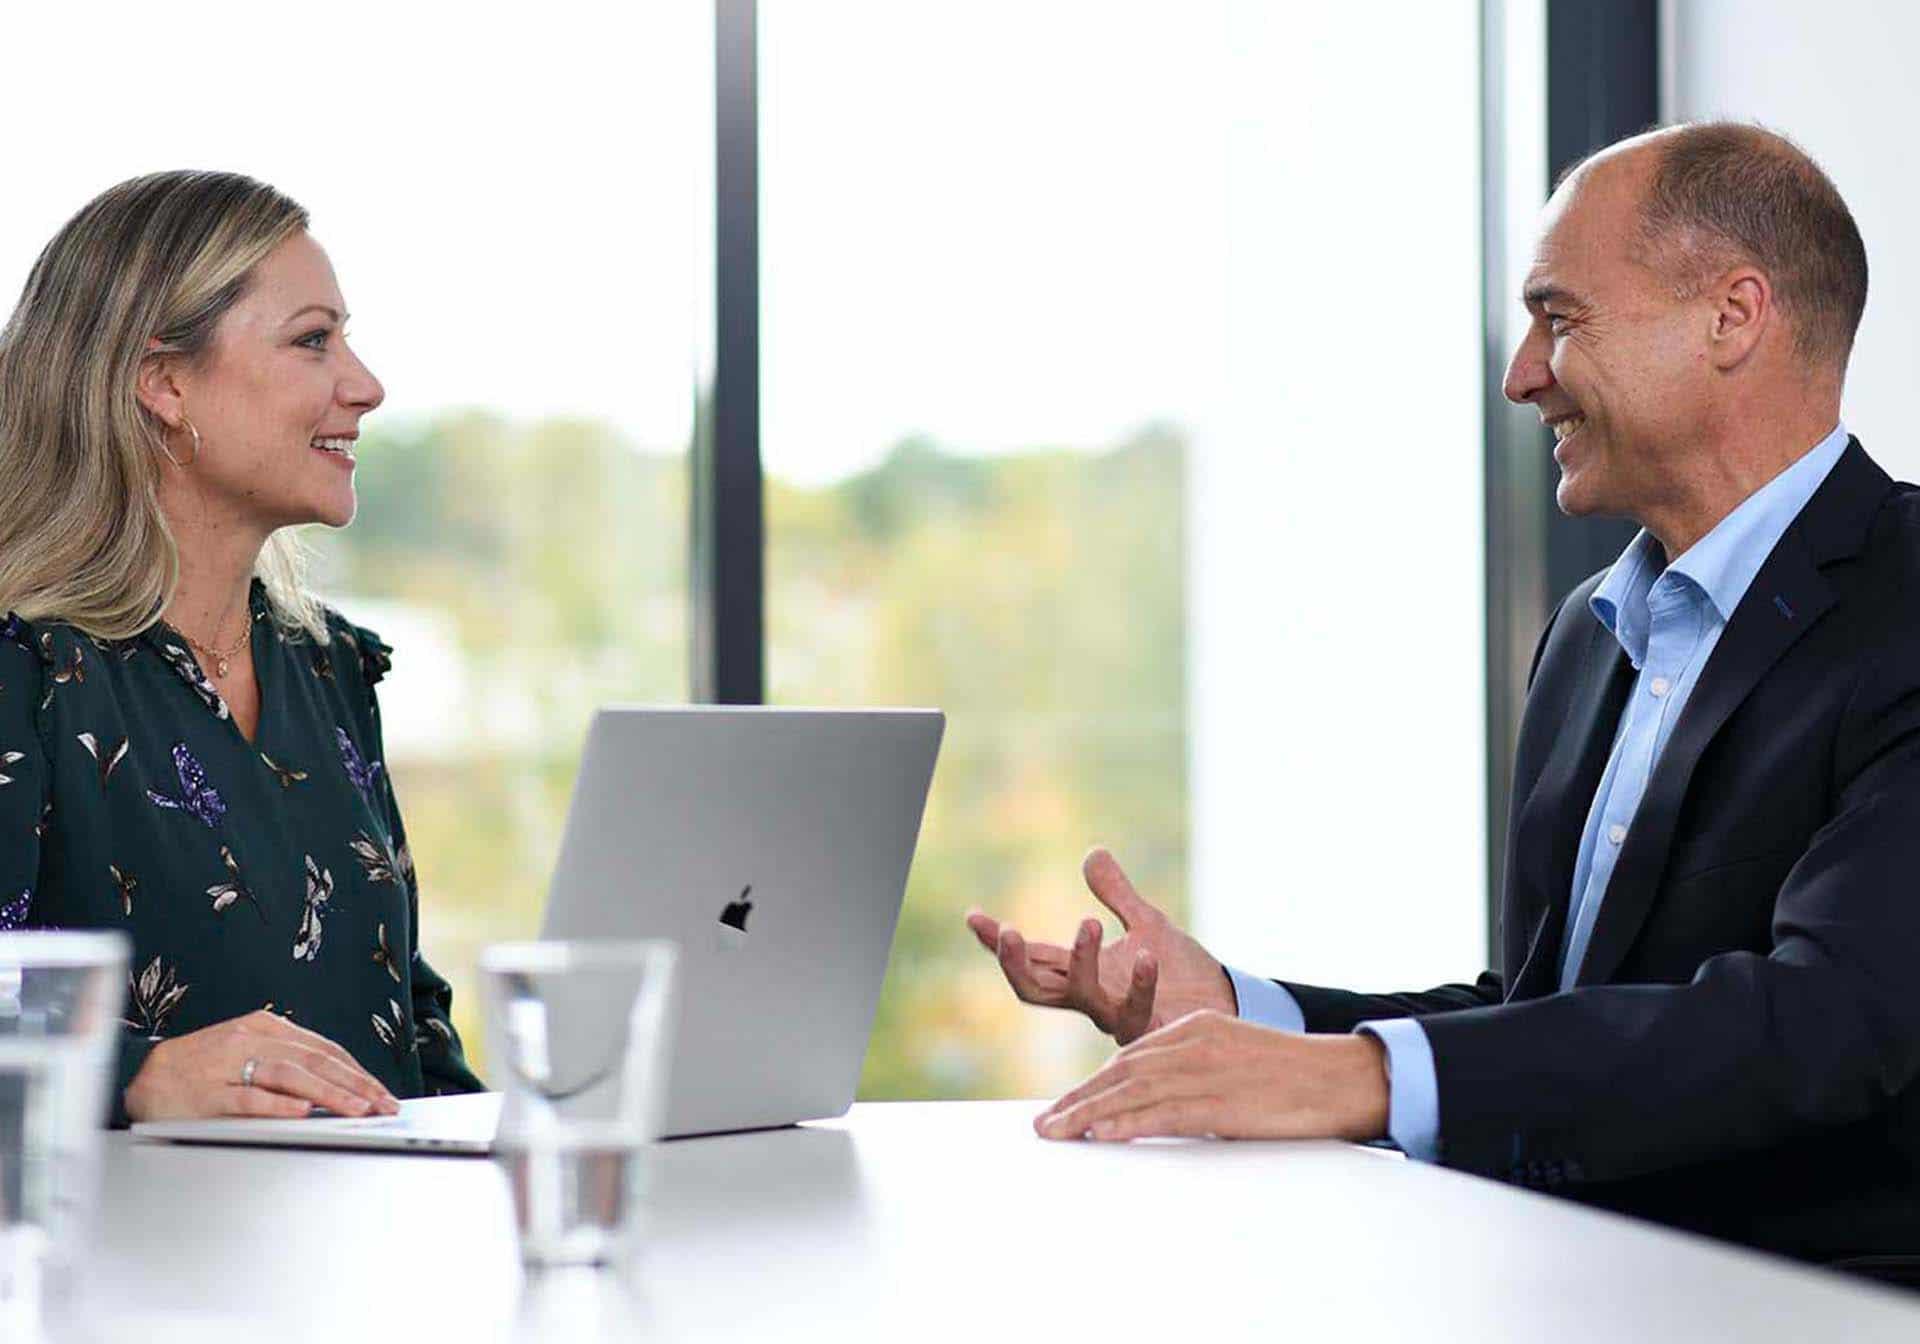 im Gespräch, Employer Branding für Excella, Pharma, Webdesign, Karriereseite, Social-Media, Recruiting